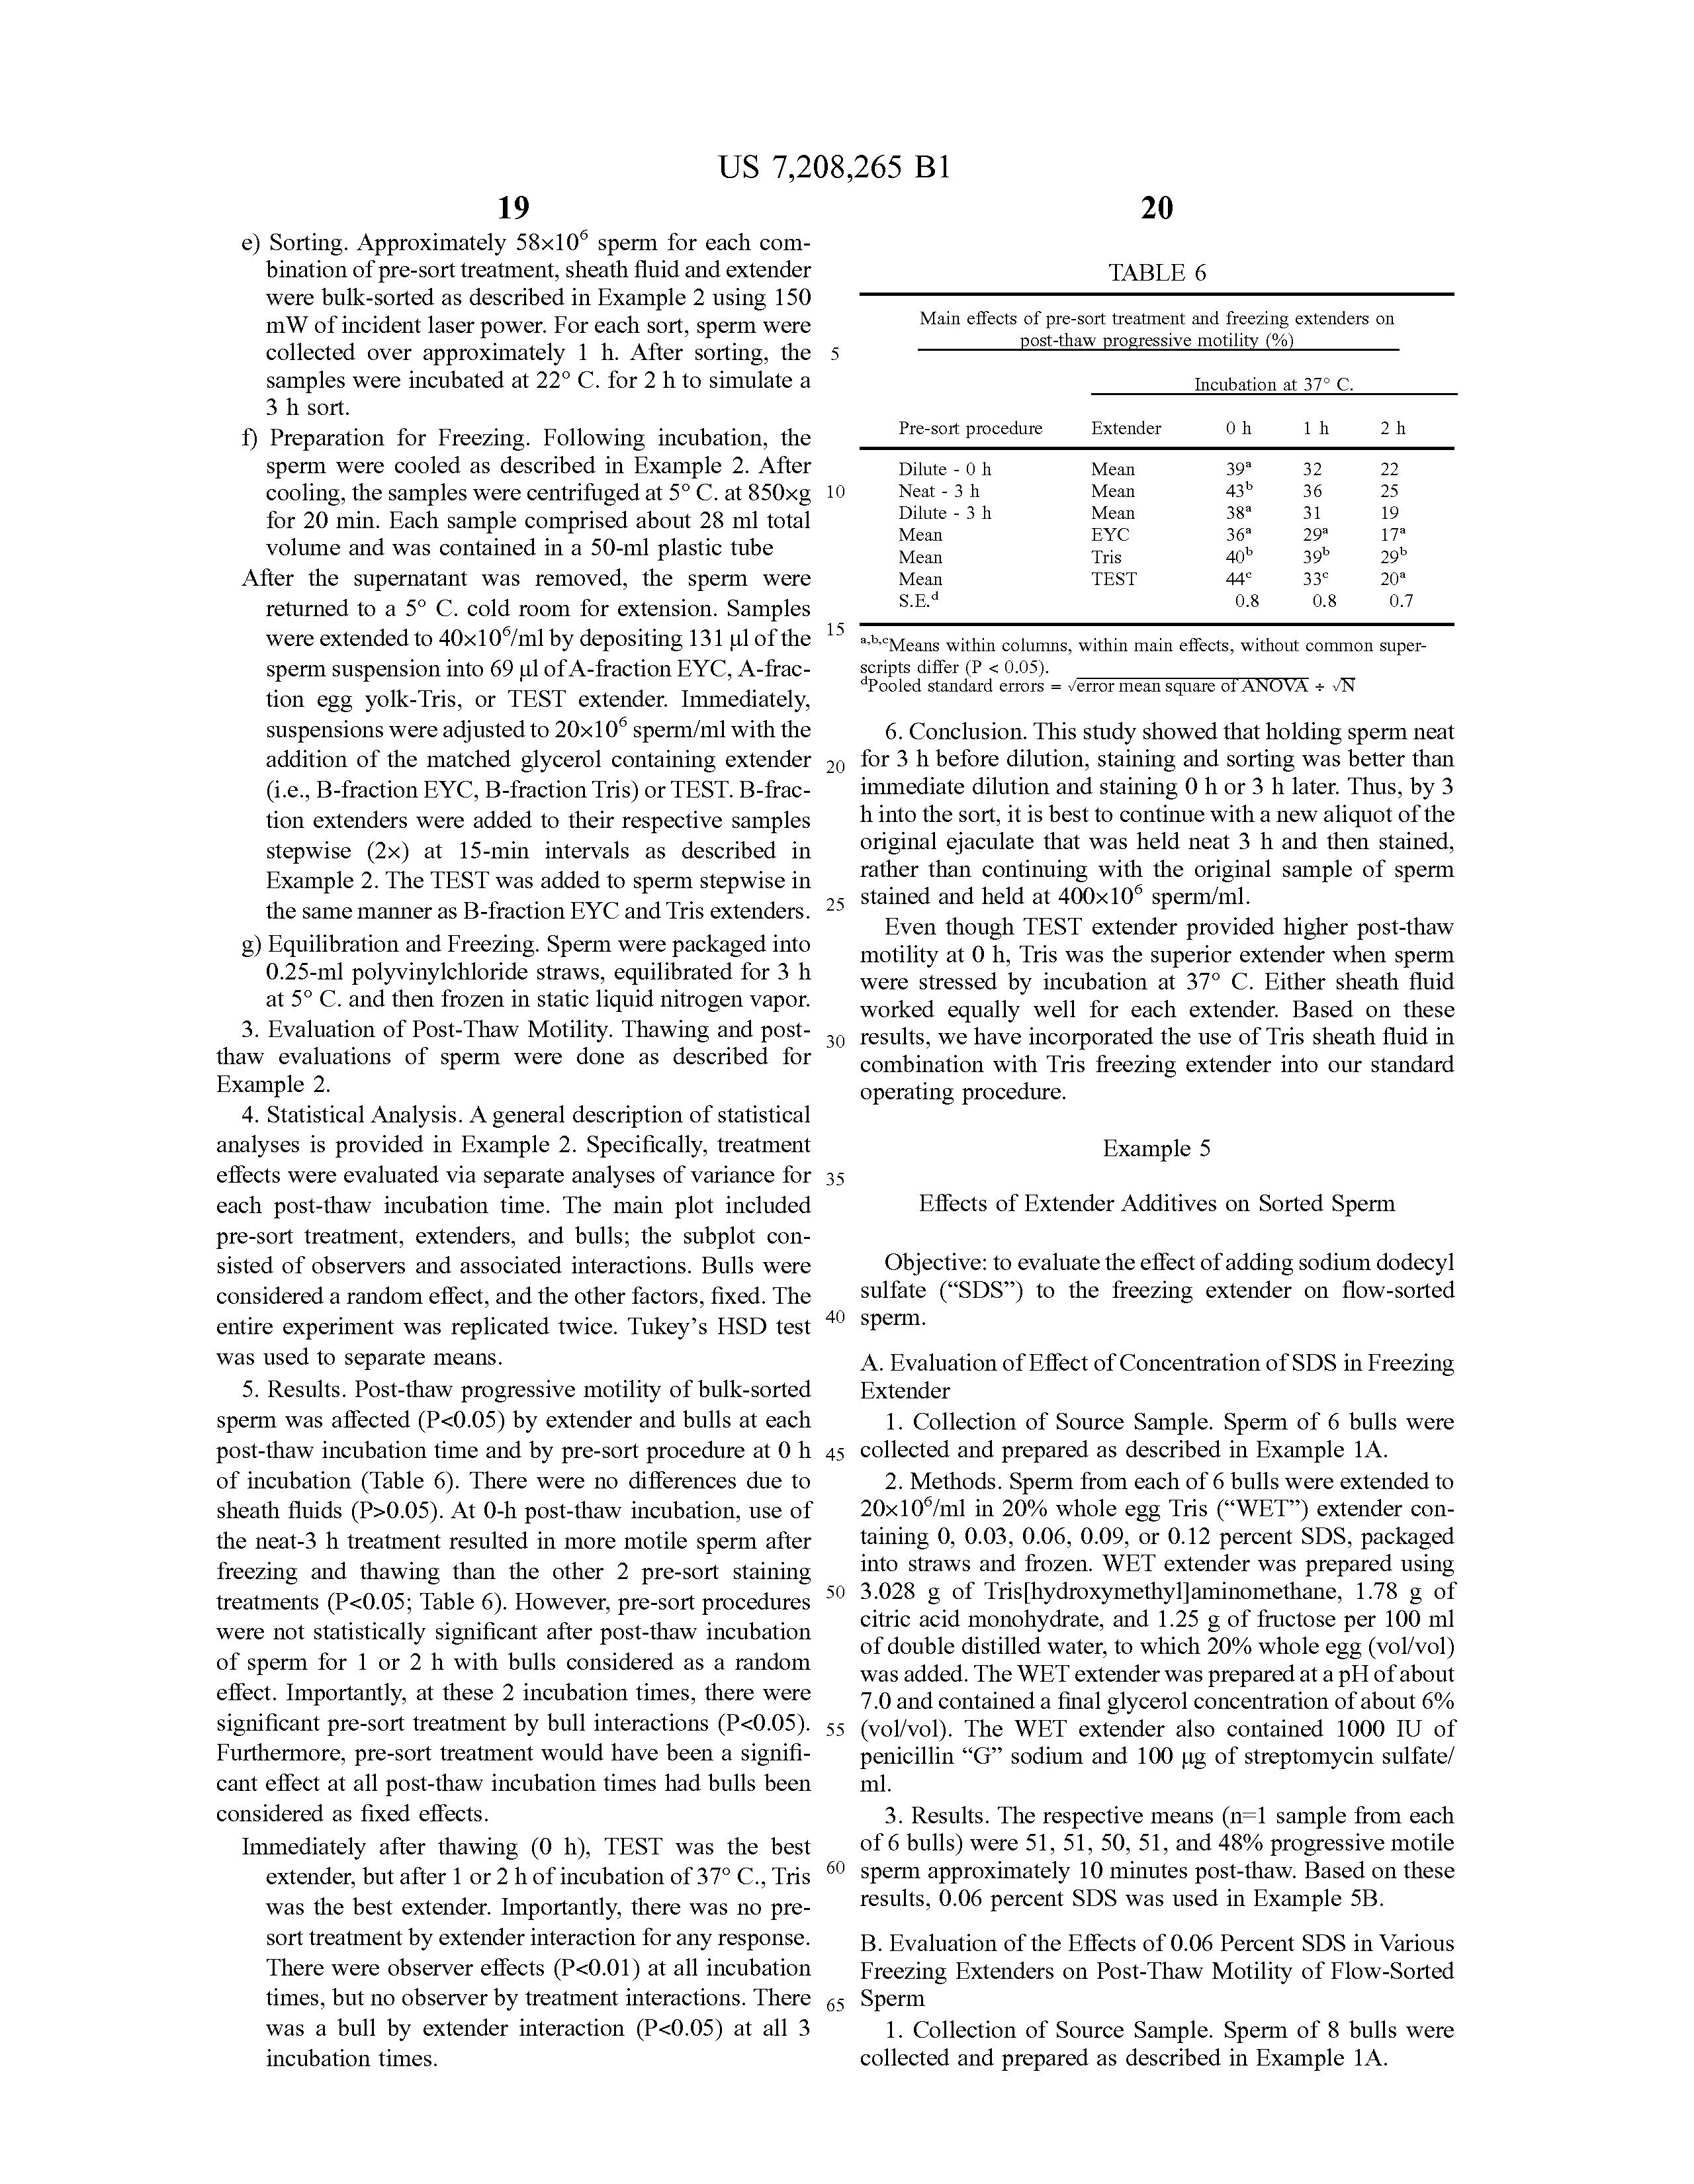 Bible verses against gay